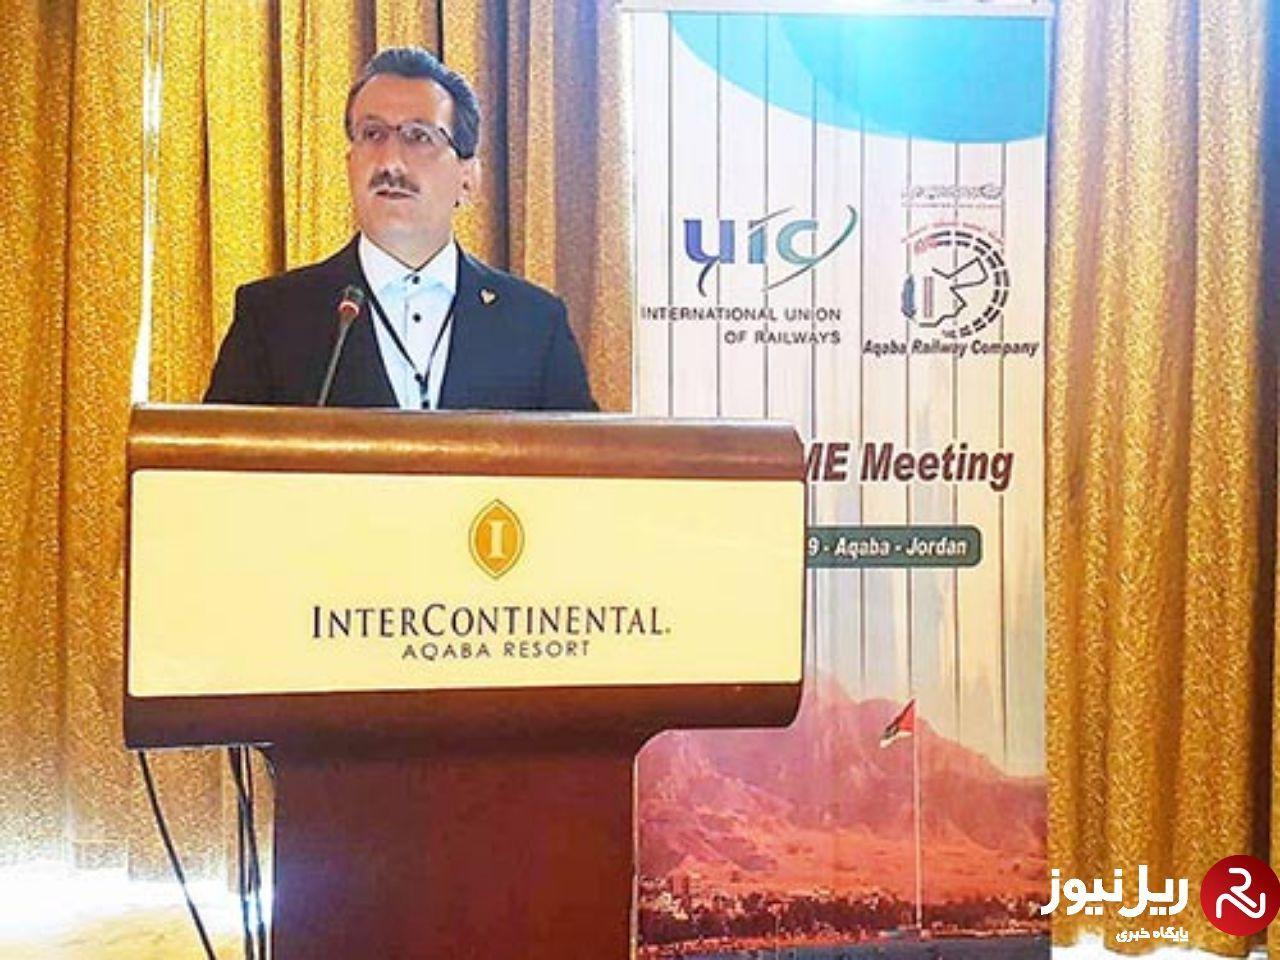 انتصاب مدیرعامل راهآهن جمهوری اسلامی ایران به سمت نایب رئیس اول مجمع منطقهای راهآهن های خاورمیانه (RAME)